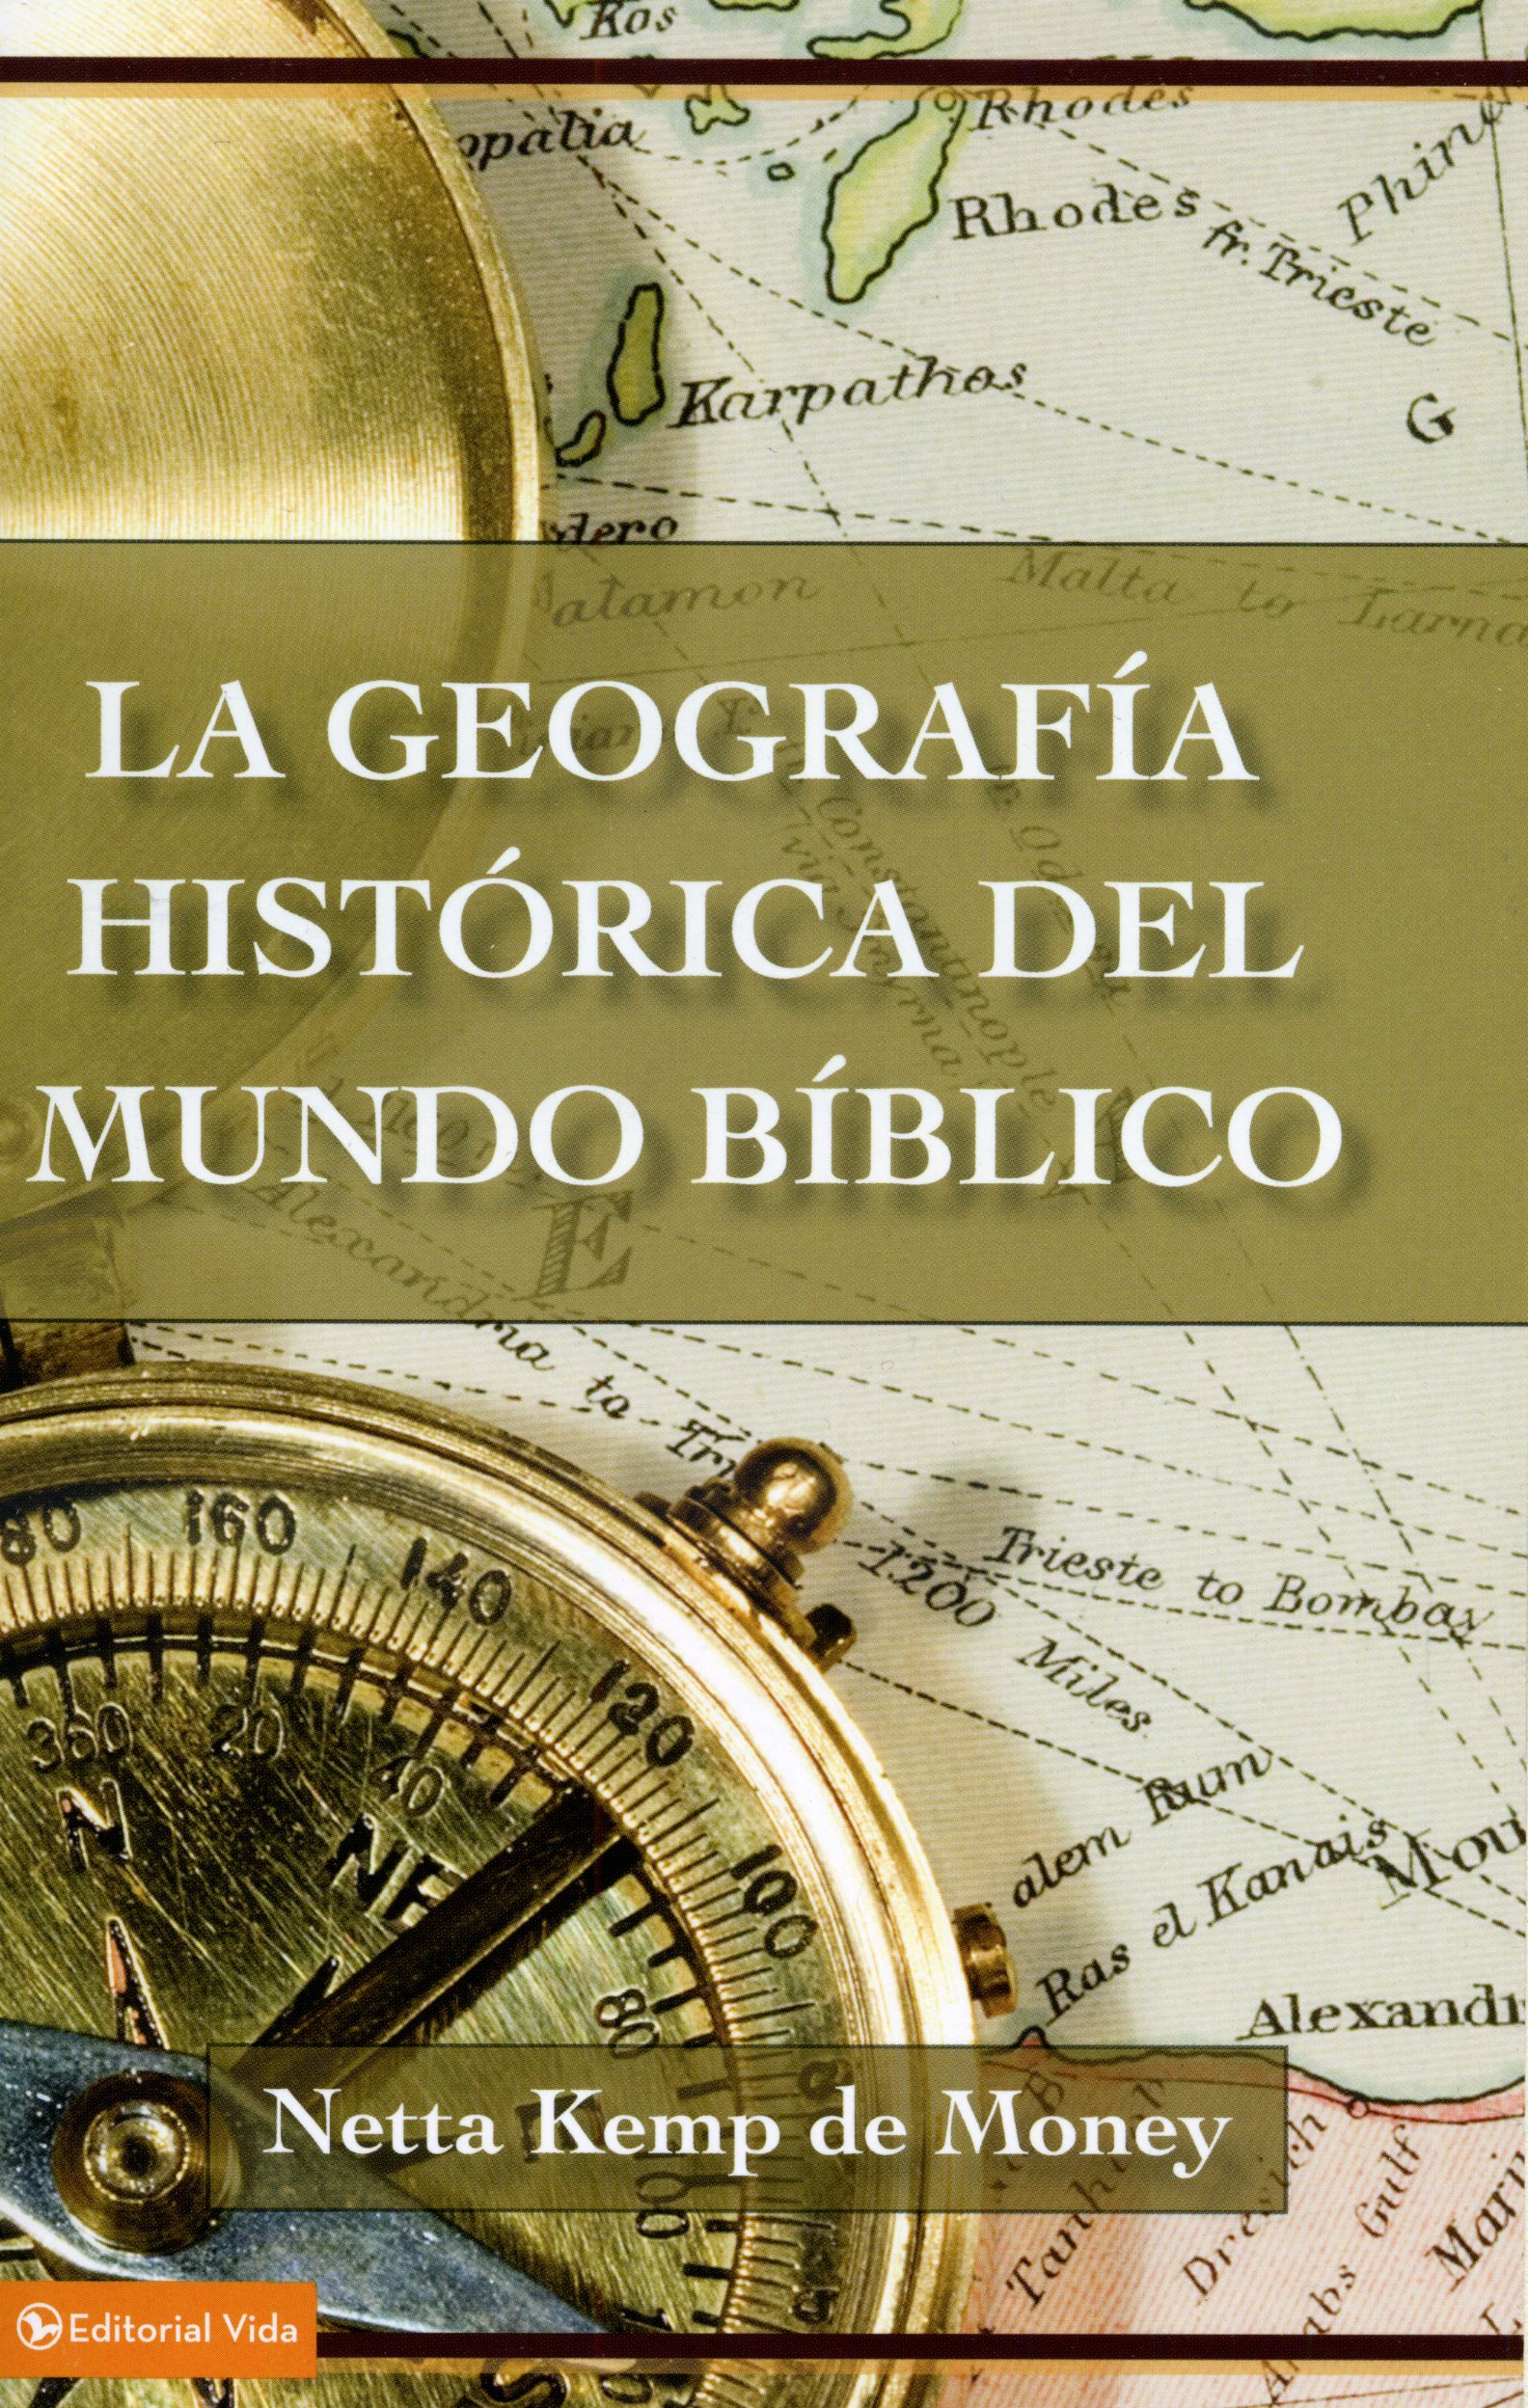 La Geografía Histórica del Mundo Bíblico